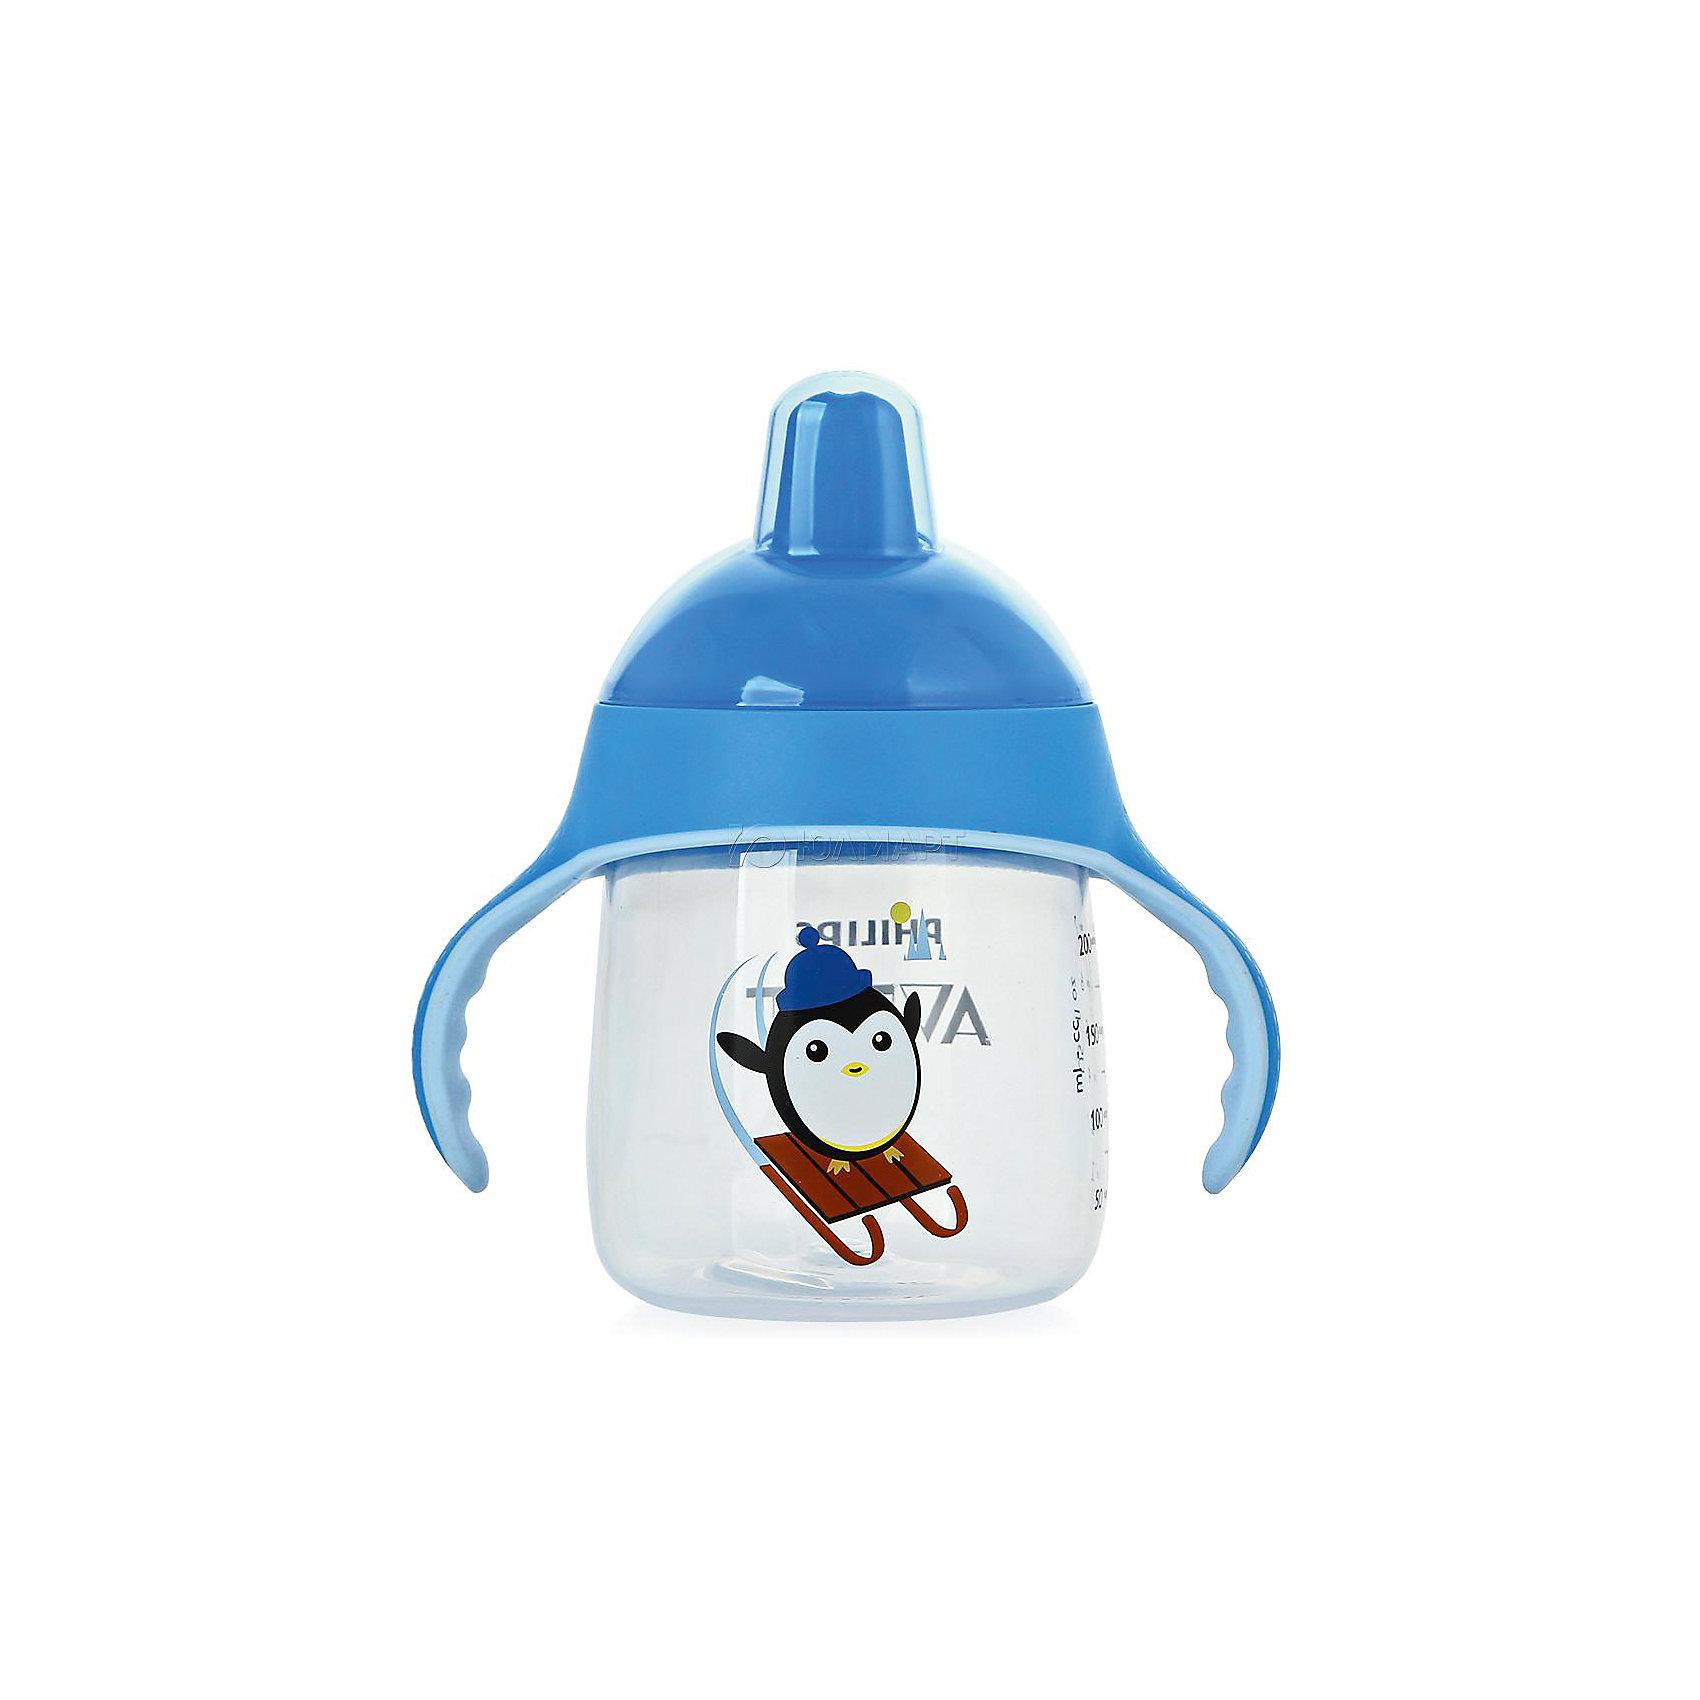 Чашка-поильник, 260 мл, 12 мес+, Philips Avent, голубойТакая чашка без труда поможет Вашему ребенку отучиться   от бутылочки! Она оснащена специальным клапаном, который предотвращает проливание. Мягкий носик, расположенный под углом, облегчает питье из чашки и предотвращает повреждение нежных десен ребенка.<br><br>Особенности:<br>- Для большего удобства, носик расположен под углом.<br>- Мягкие силиконовые ручки.<br>- Чашка не содержит БИСФЕНОЛ-А.<br>- Можно мыть в посудомоечной машине.<br>- Легко превращается в обычную чашку.<br><br>Дополнительная информация:<br><br>- Возраст: от 12 месяцев.<br>- Объем: 260 мл.<br>- Цвет: голубой.<br>- Размер упаковки: 9х12,5х19,8 см..<br>- Вес в упаковке: 112 г.<br><br>Купить чашку-поильник Philips Avent в голубом цвете, можно в нашем магазине.<br><br>Ширина мм: 90<br>Глубина мм: 125<br>Высота мм: 198<br>Вес г: 112<br>Возраст от месяцев: 12<br>Возраст до месяцев: 36<br>Пол: Унисекс<br>Возраст: Детский<br>SKU: 4880873